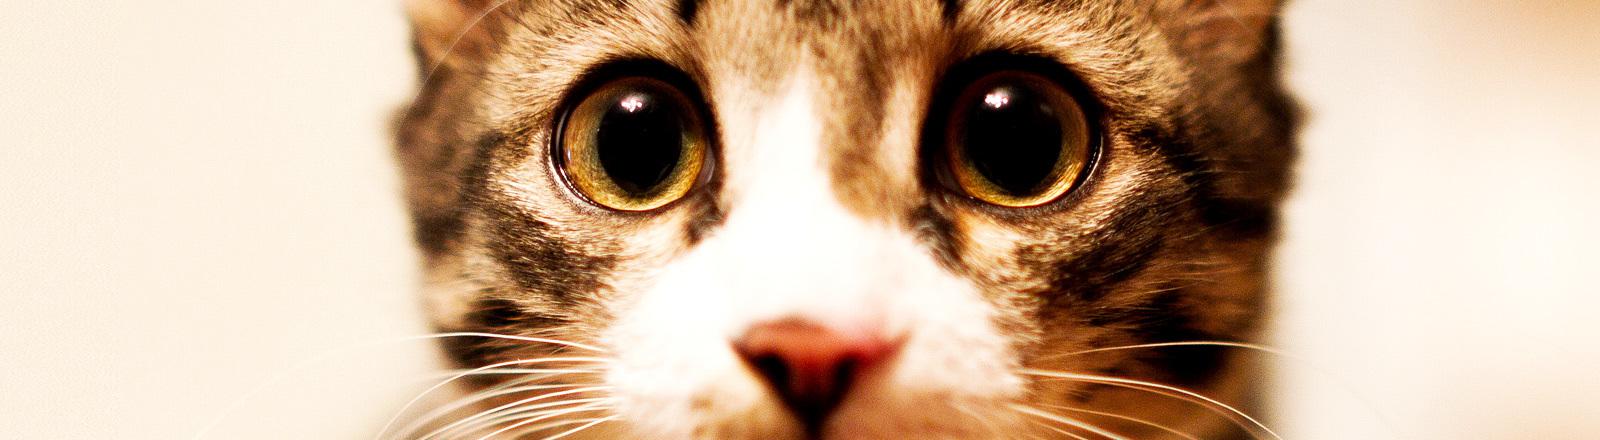 Traurig schauende Katze